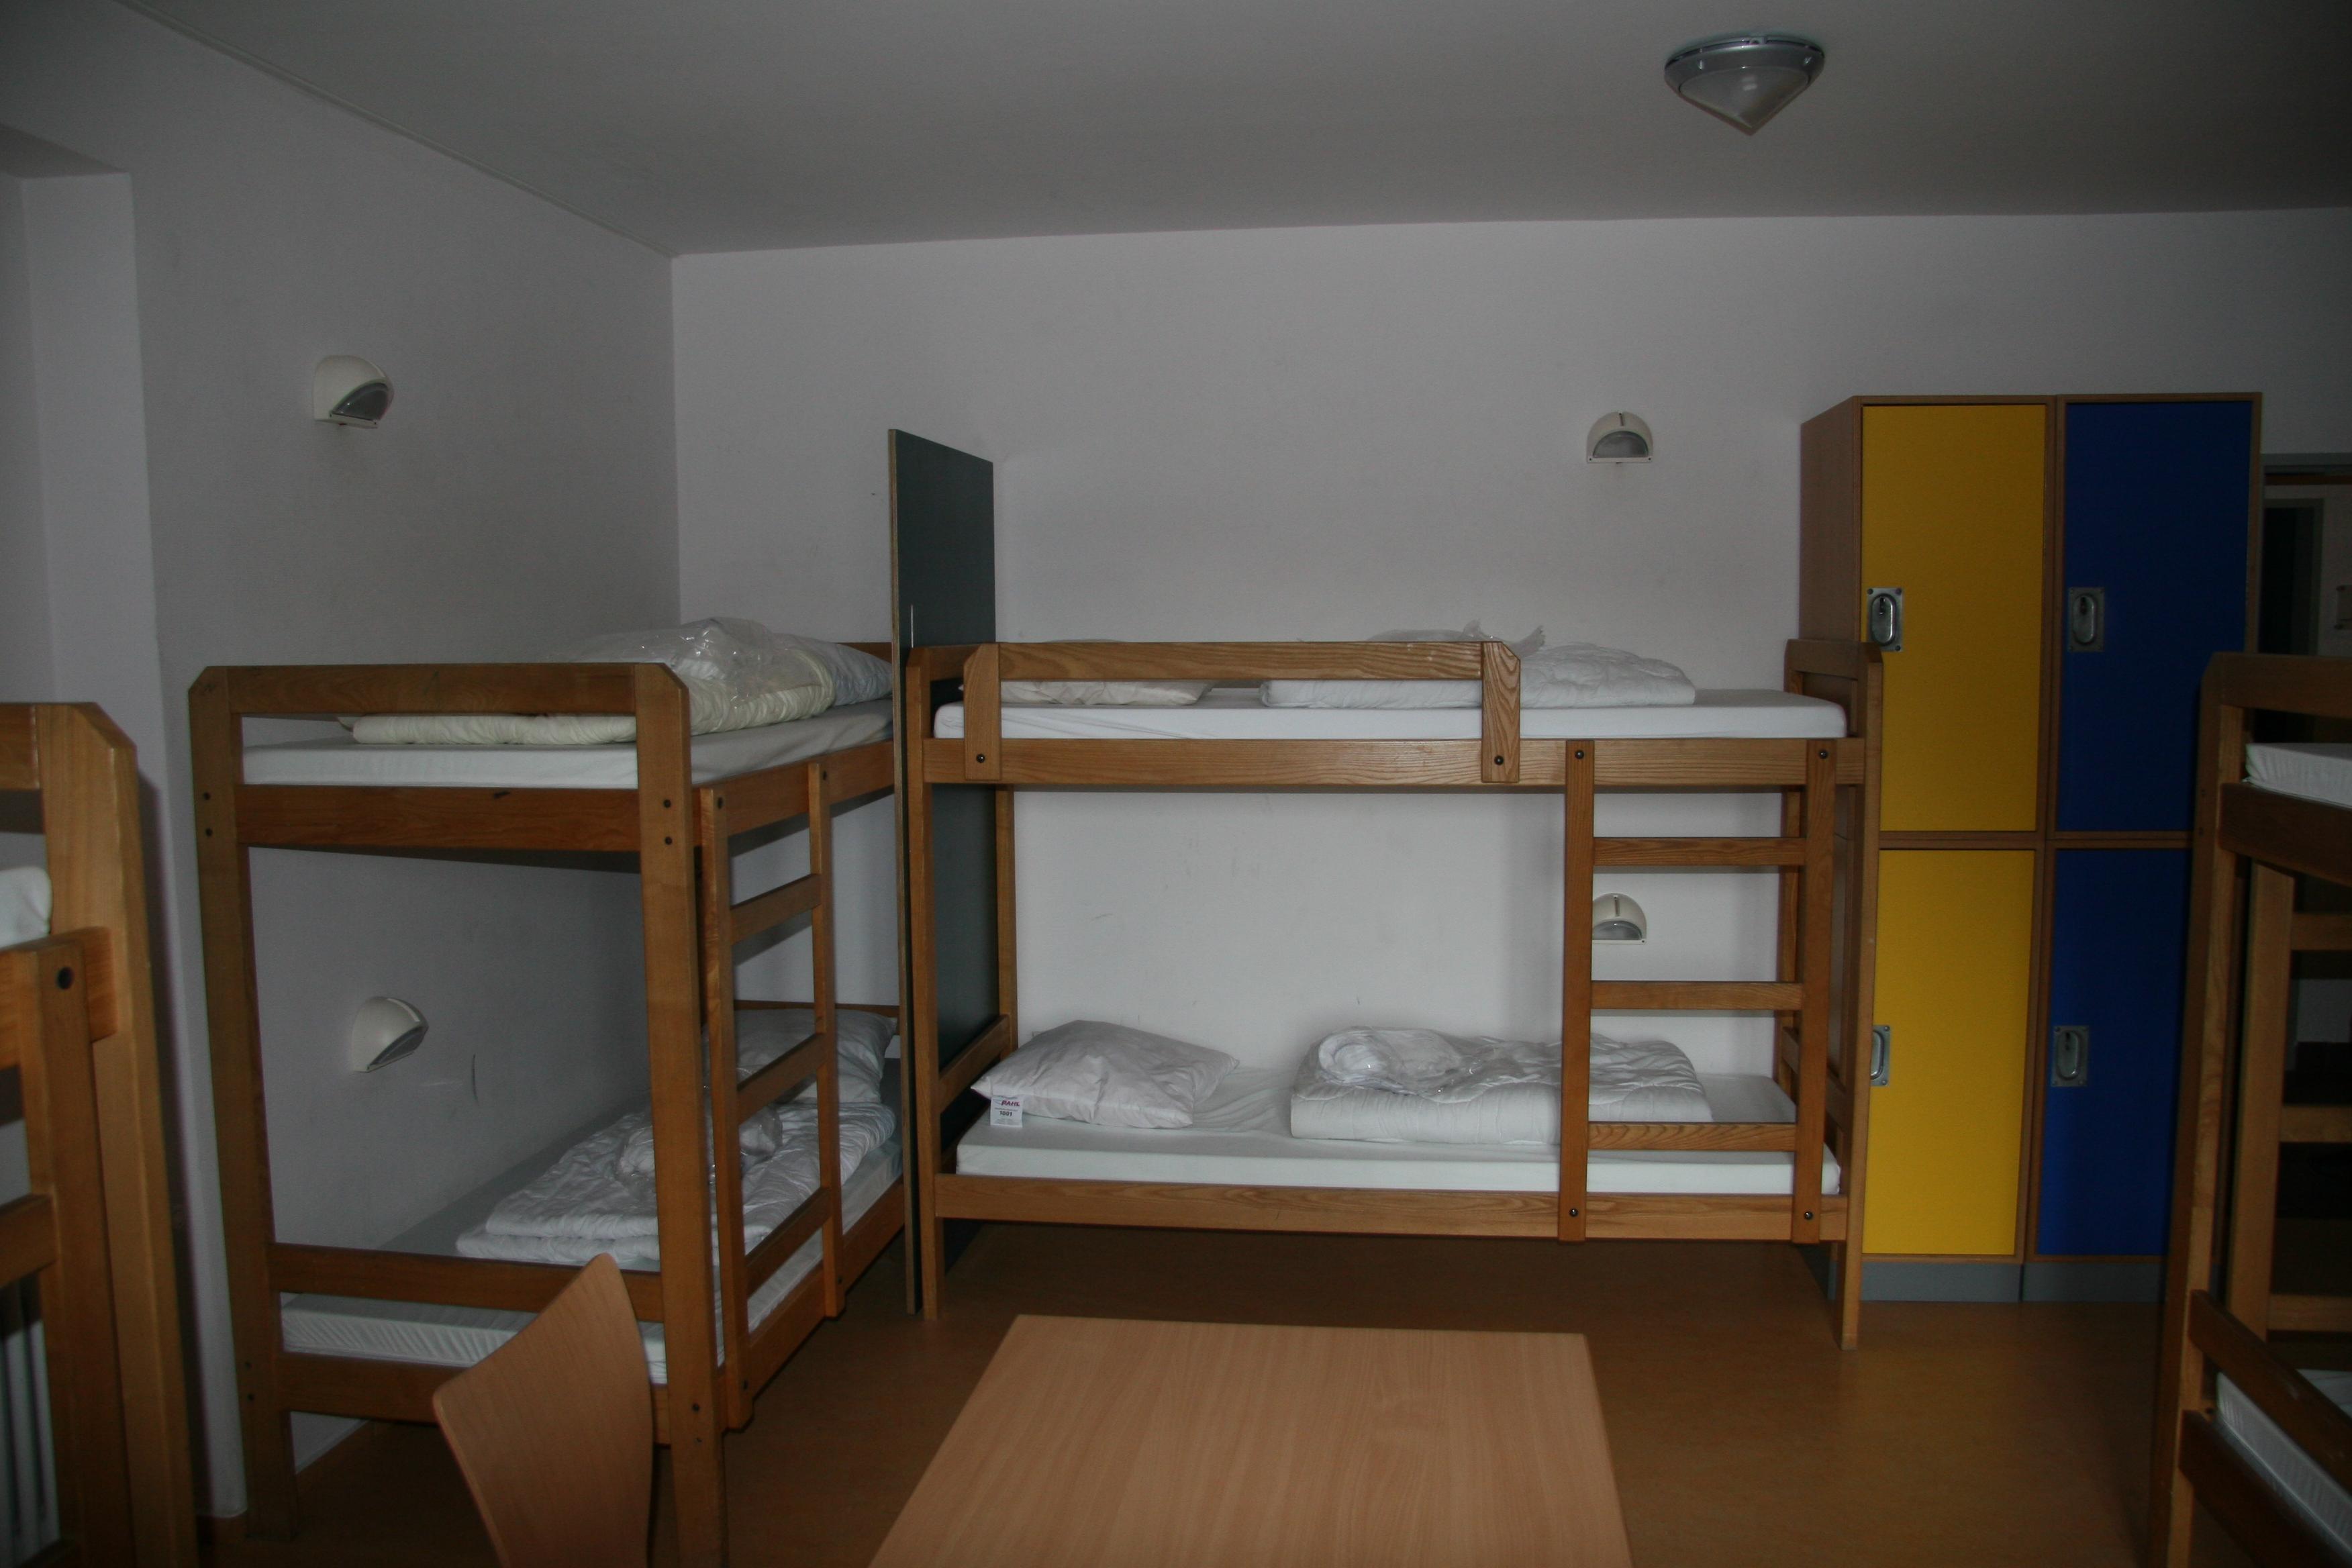 File:Youth hostel Vianden Luxembourg 05.jpg - Wikimedia